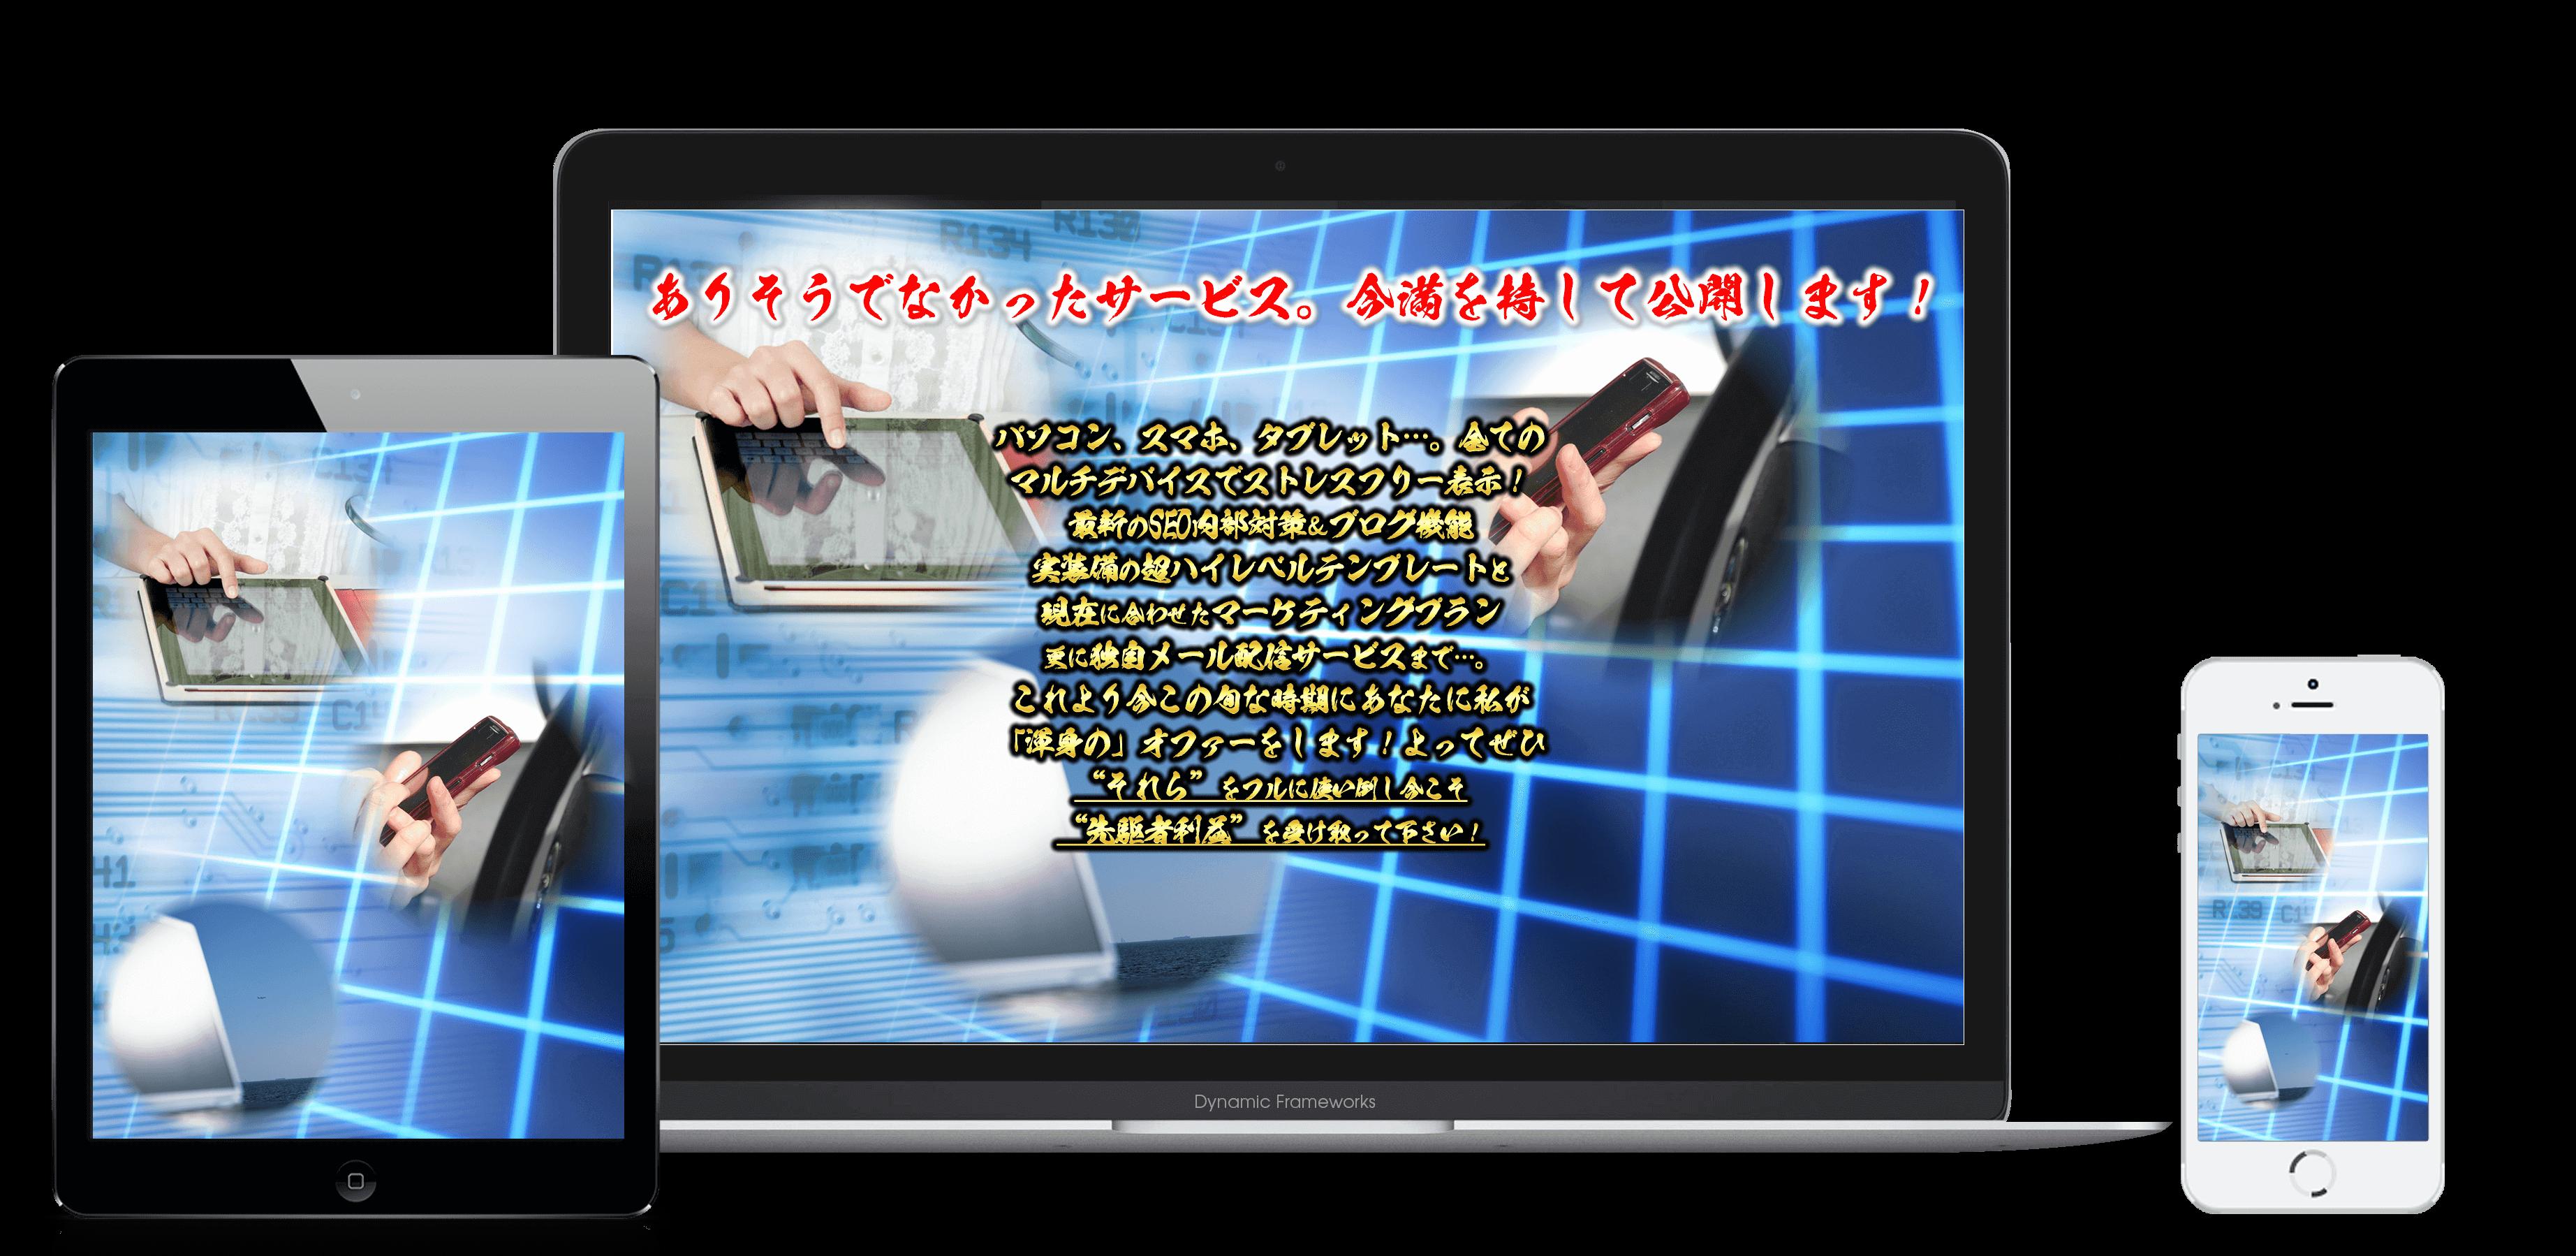 image holder